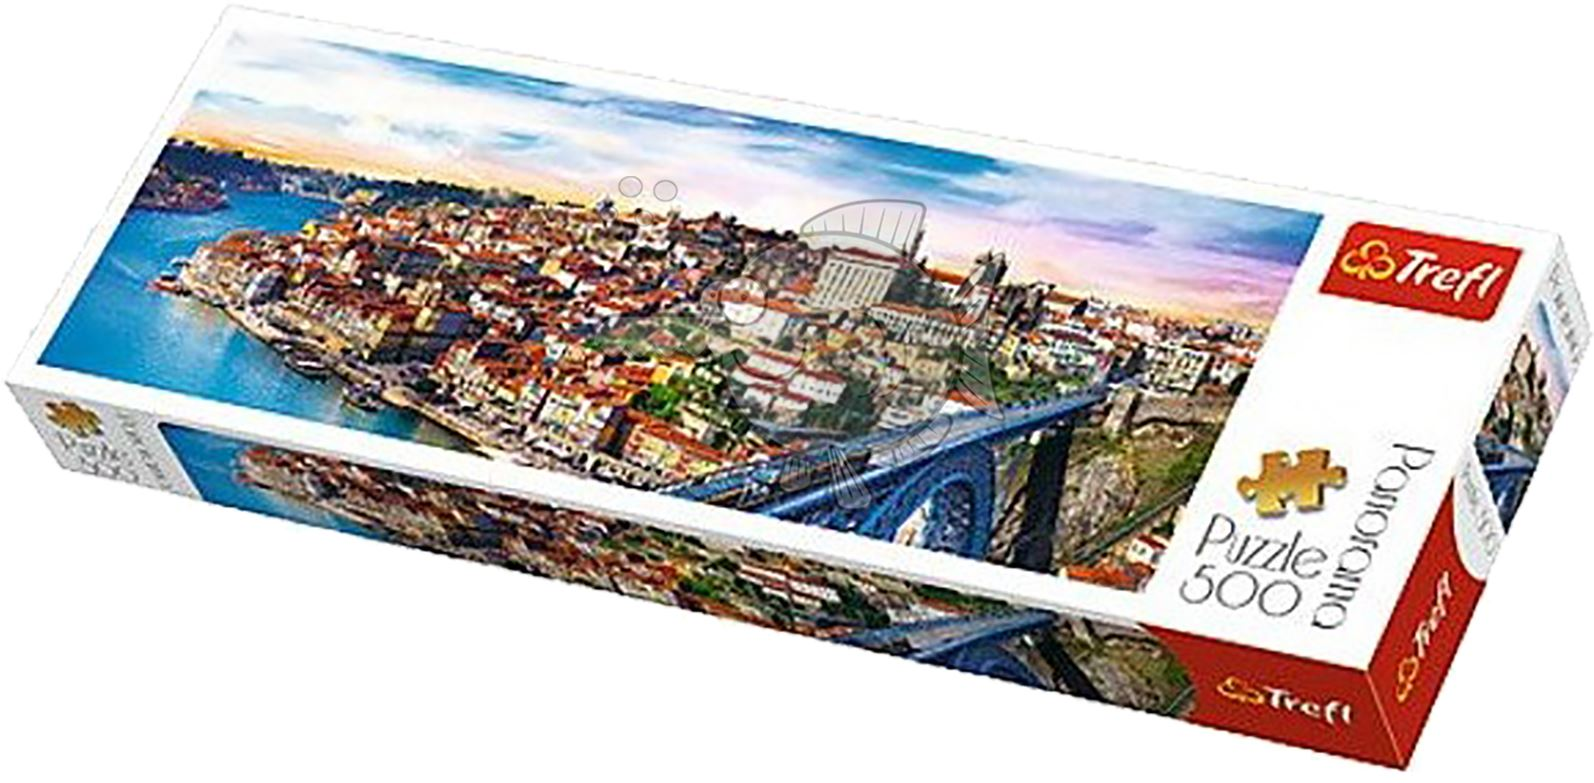 Trefl-300-500-1000-1500-2000-3000-4000-6000-Piece-Jigsaw-Puzzle-Paysages-Ville miniature 165